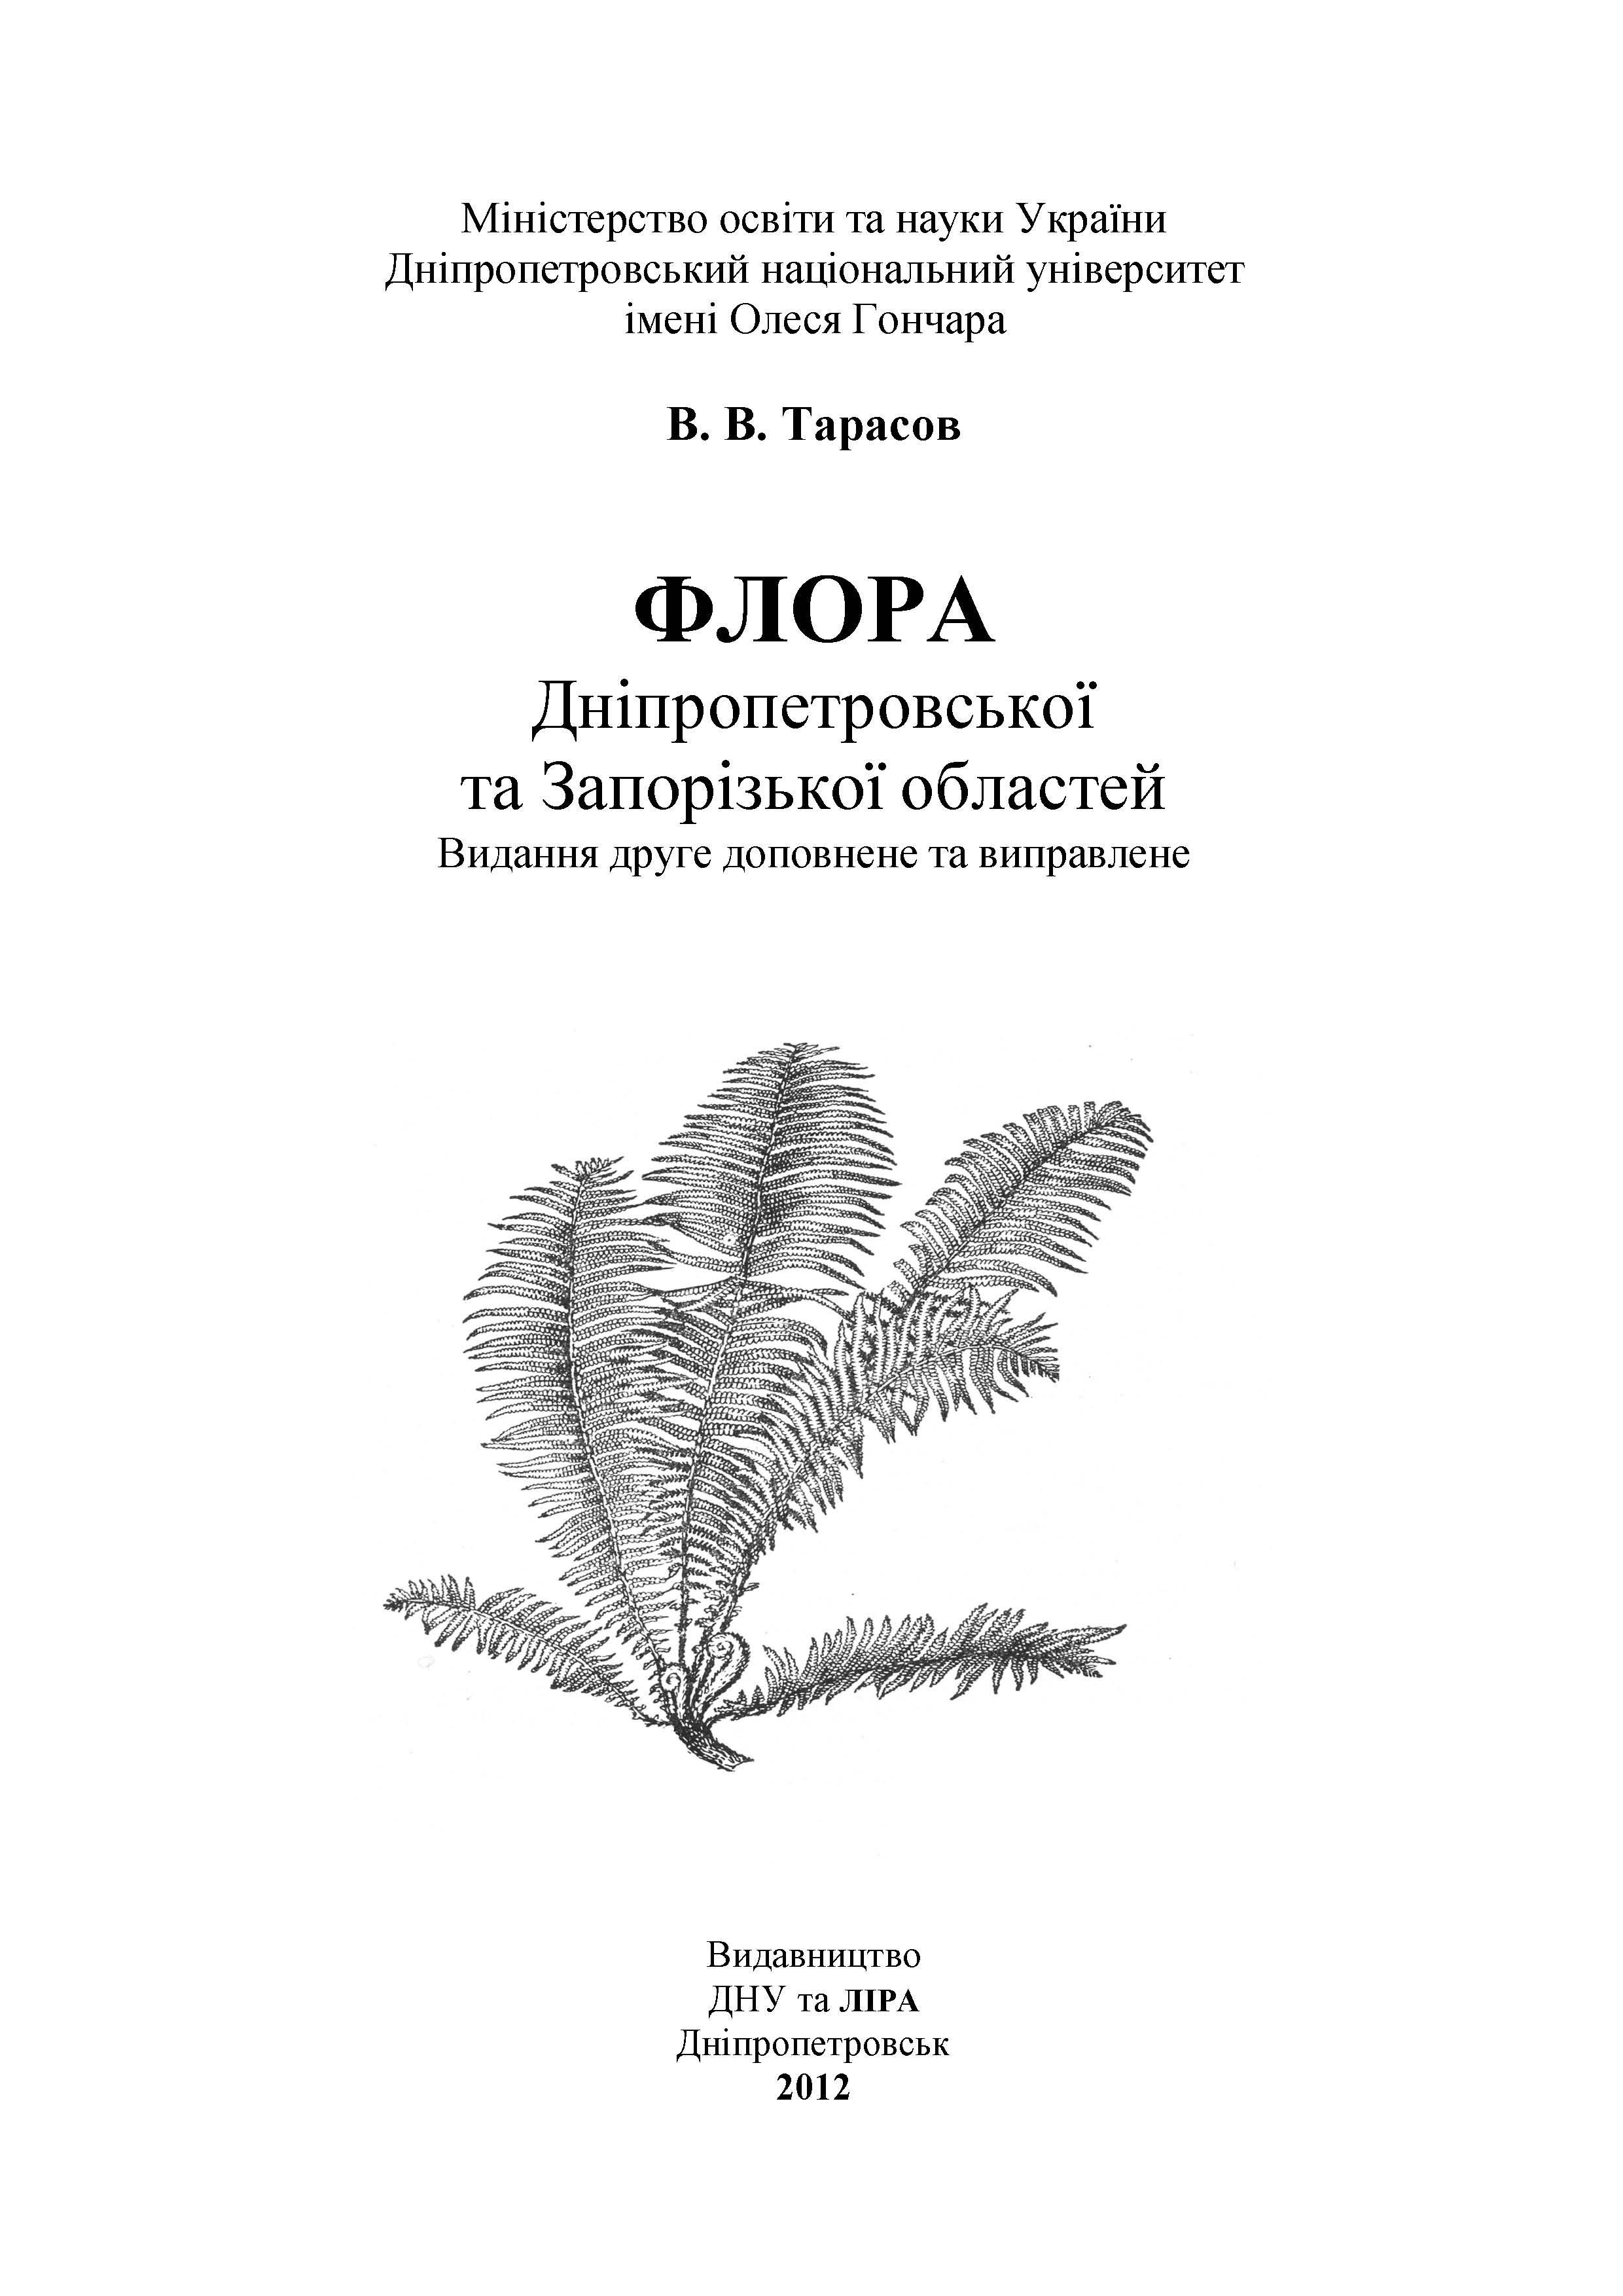 """Флора Дніпропетровської і Запорізької областей. Видання друге. Доповнене та виправлене. Д.: """"Ліра"""" 2012 - 296 с."""